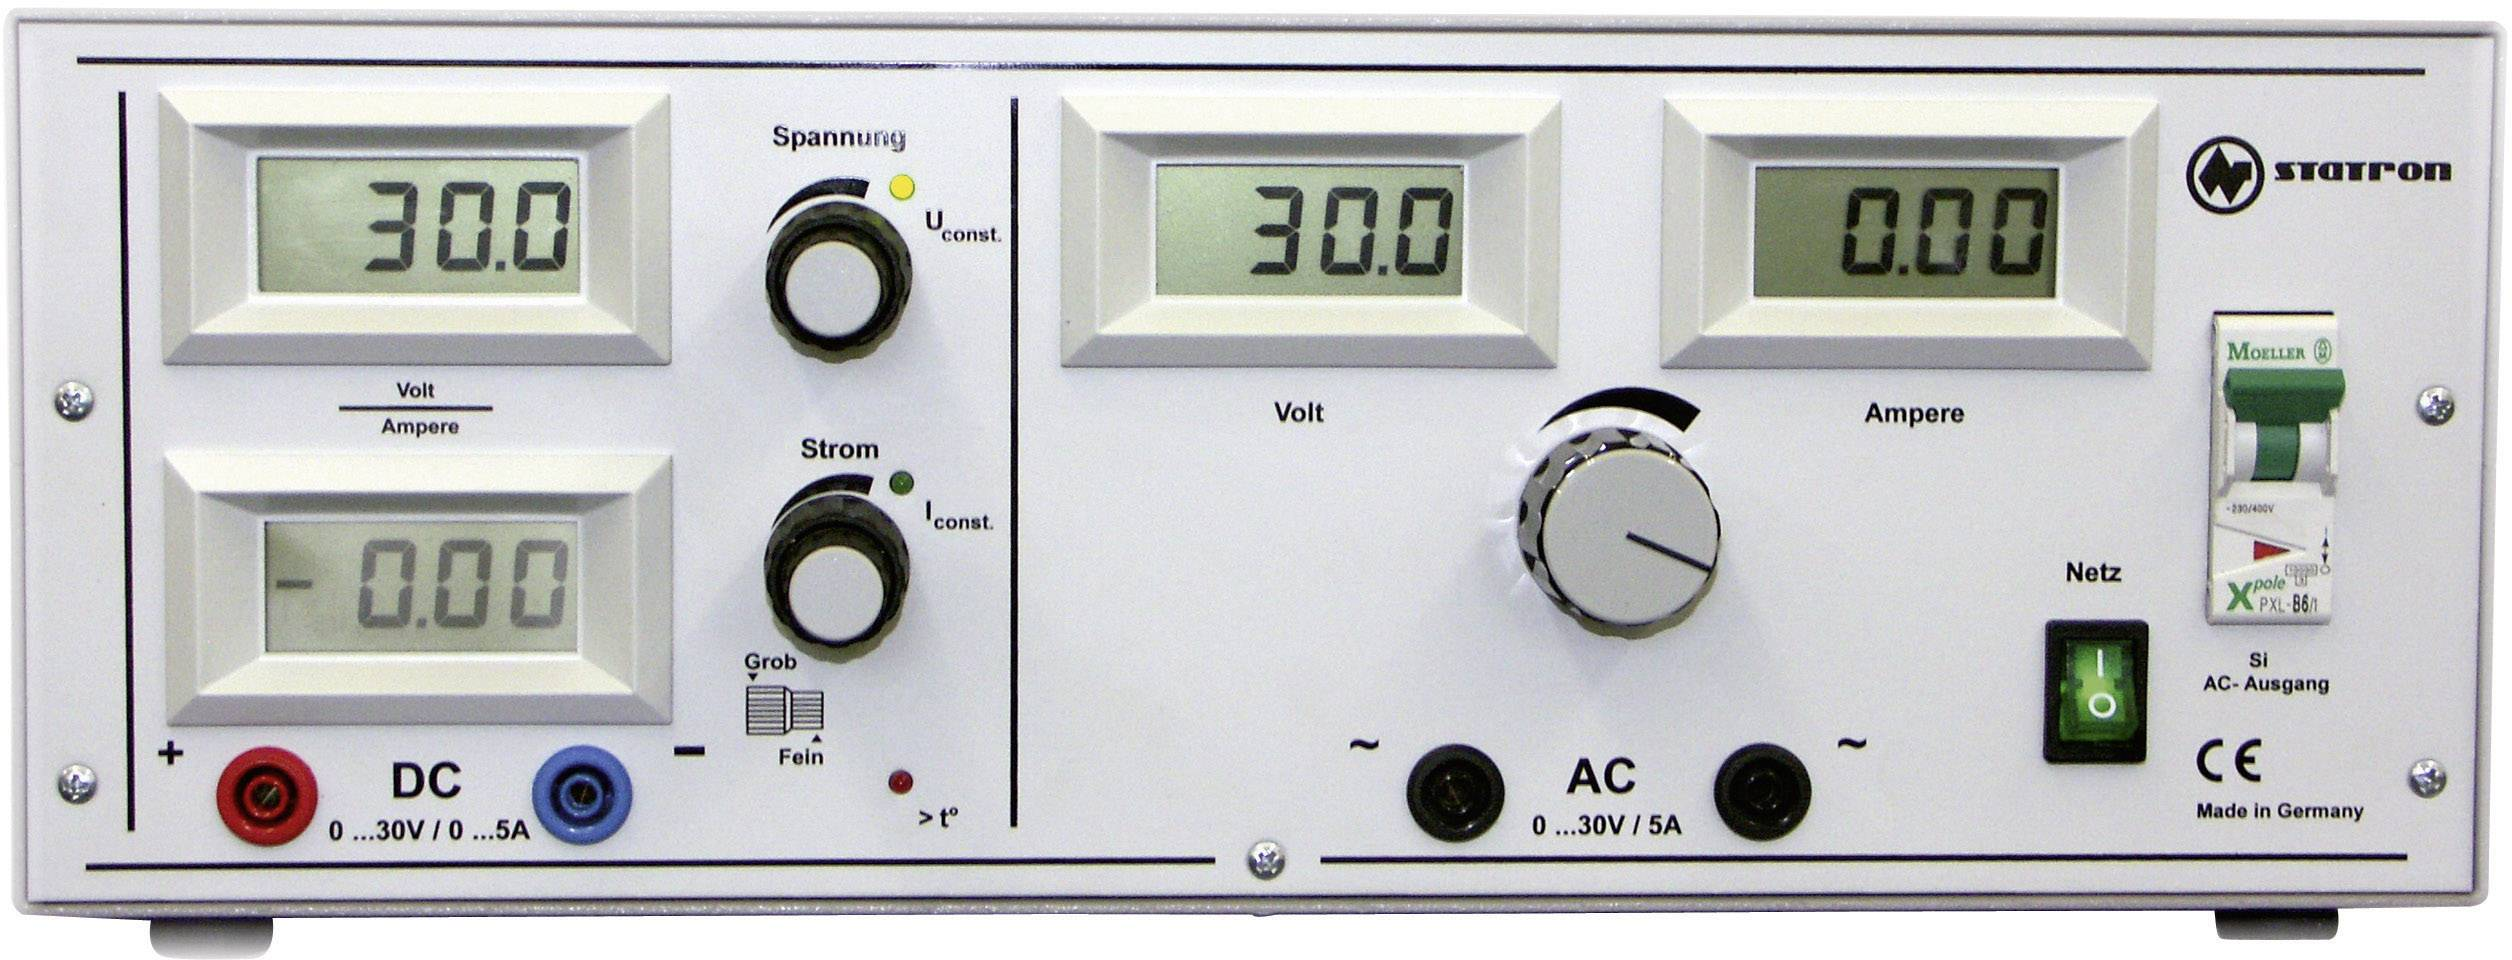 Univerzálny laboratórny zdroj Statron 5340.92, 0 - 30 V, 0 - 5 A